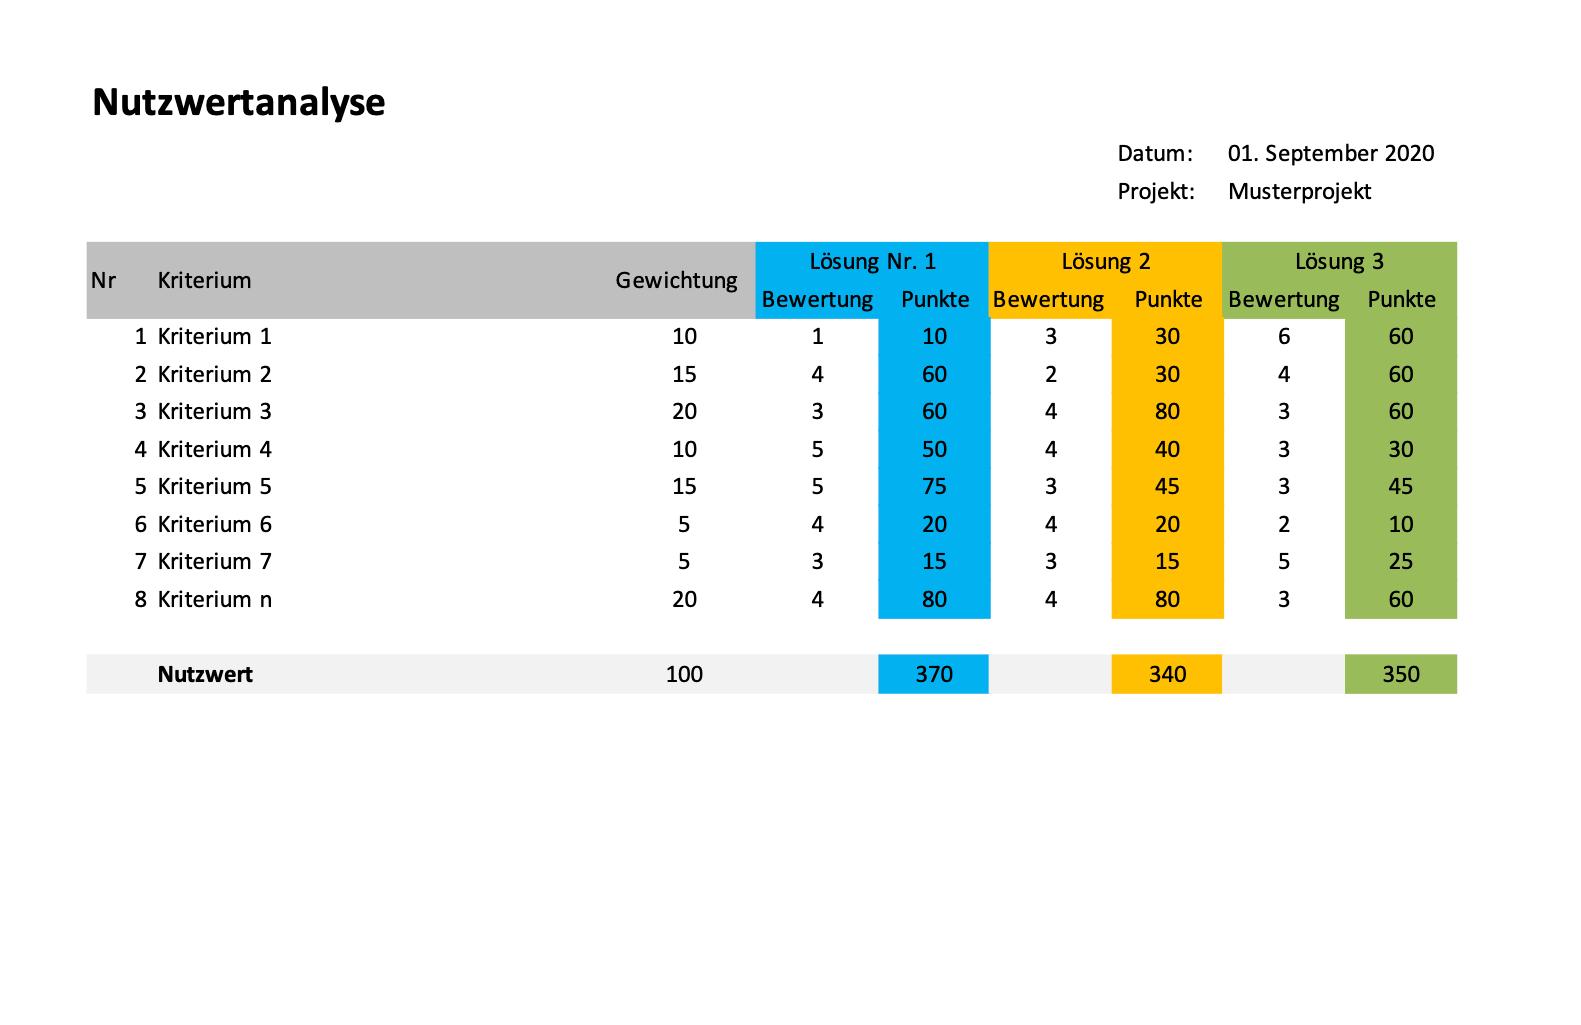 Nutzwertanalyse Vorlage   kostenlose Excel Vorlage   Vorla.ch